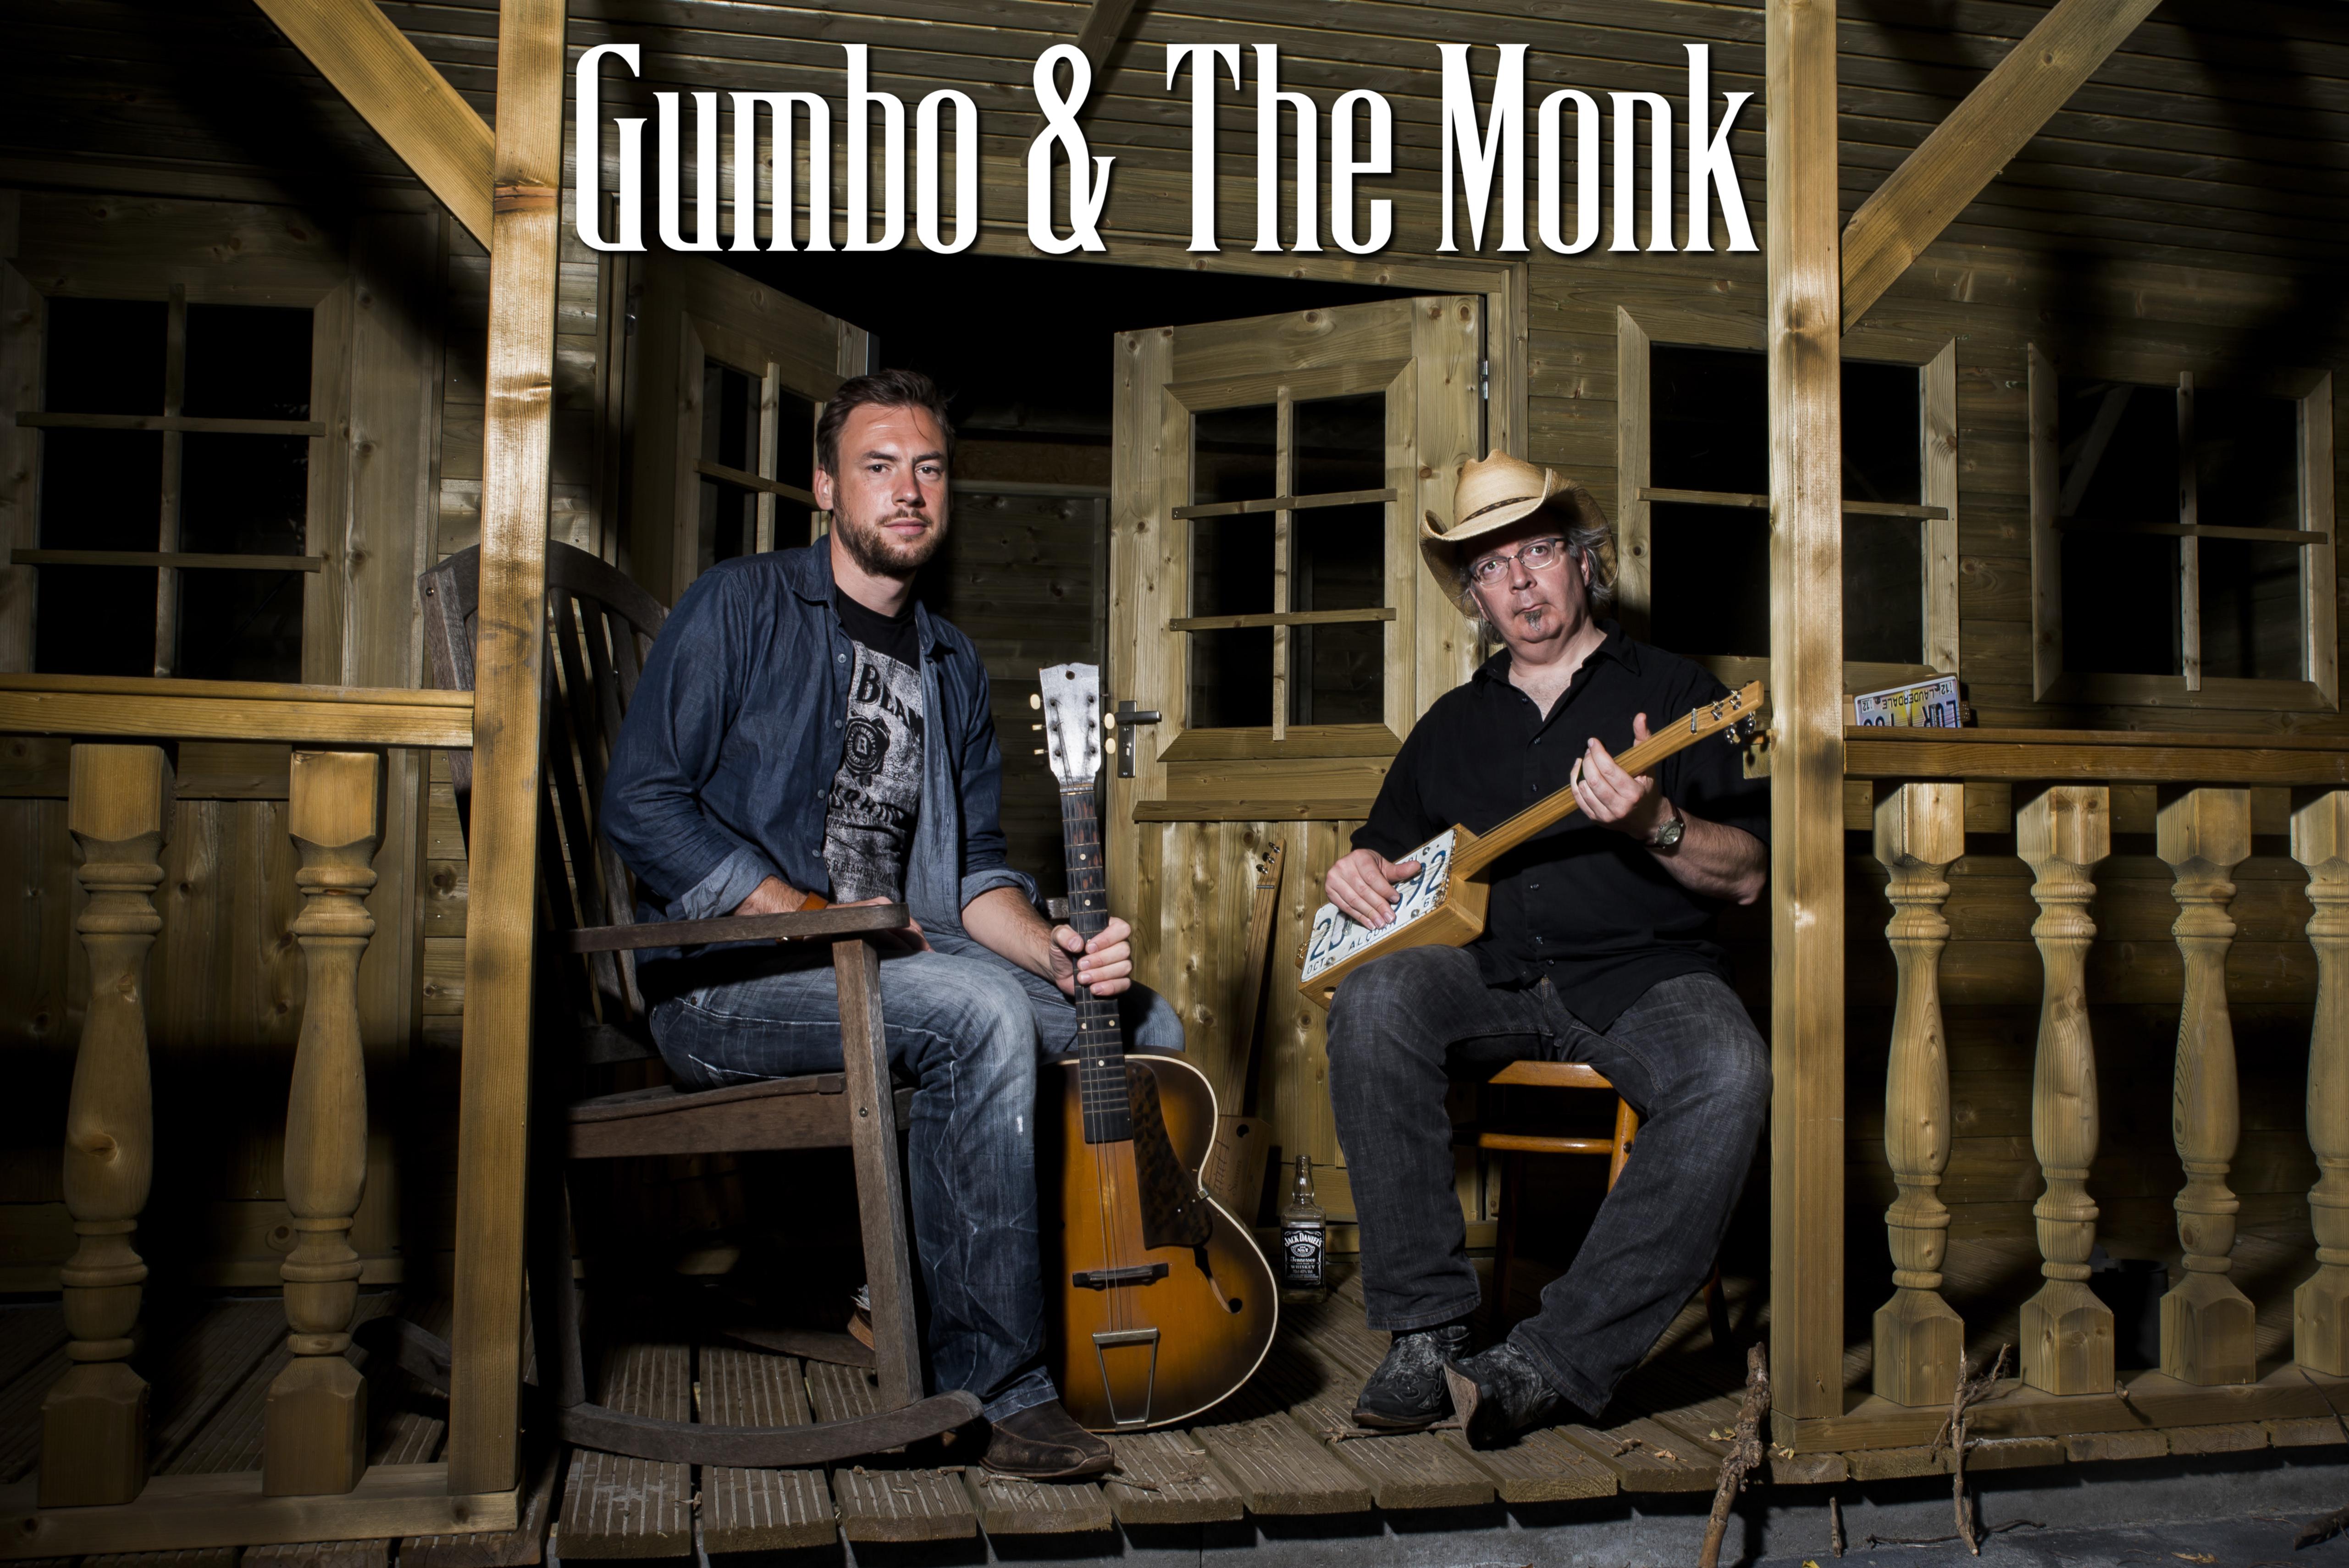 Gumbo & The Monk